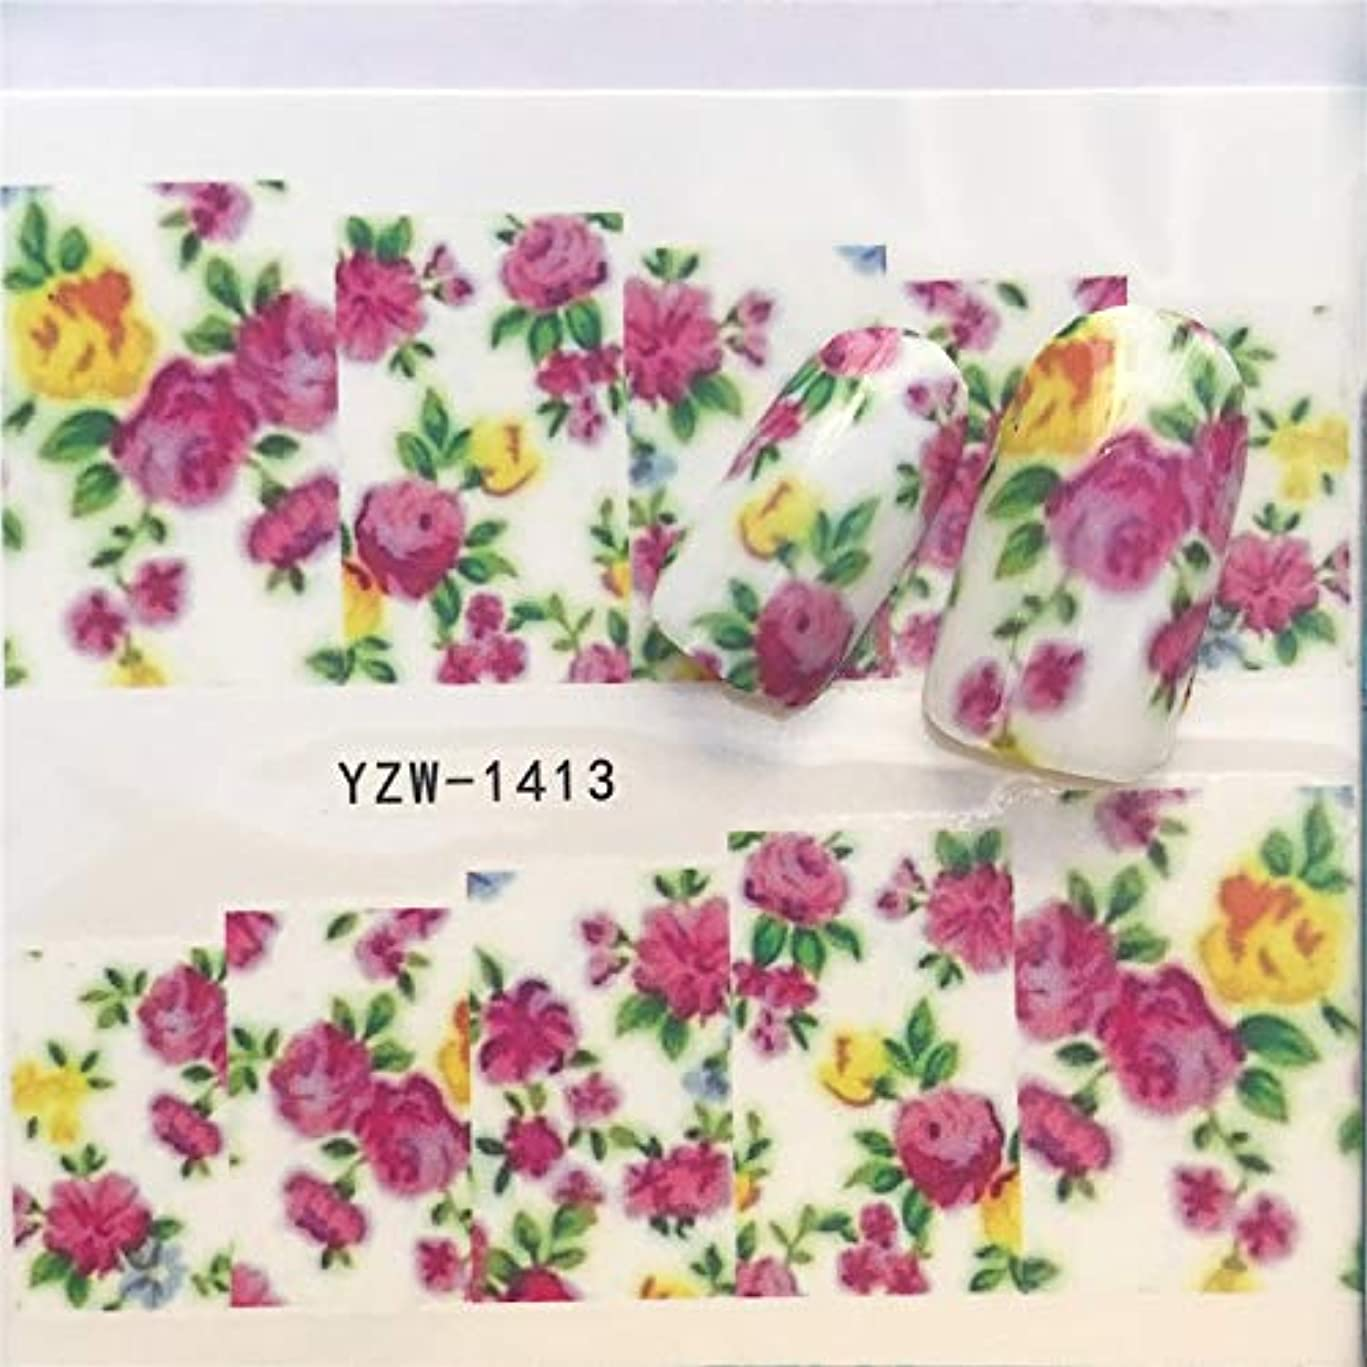 プーノ蒸息を切らしてFlysea ネイルステッカー3 PCSネイルステッカーセットデカール水スライダーネイルズアート装飾、色転送:YZW1413を